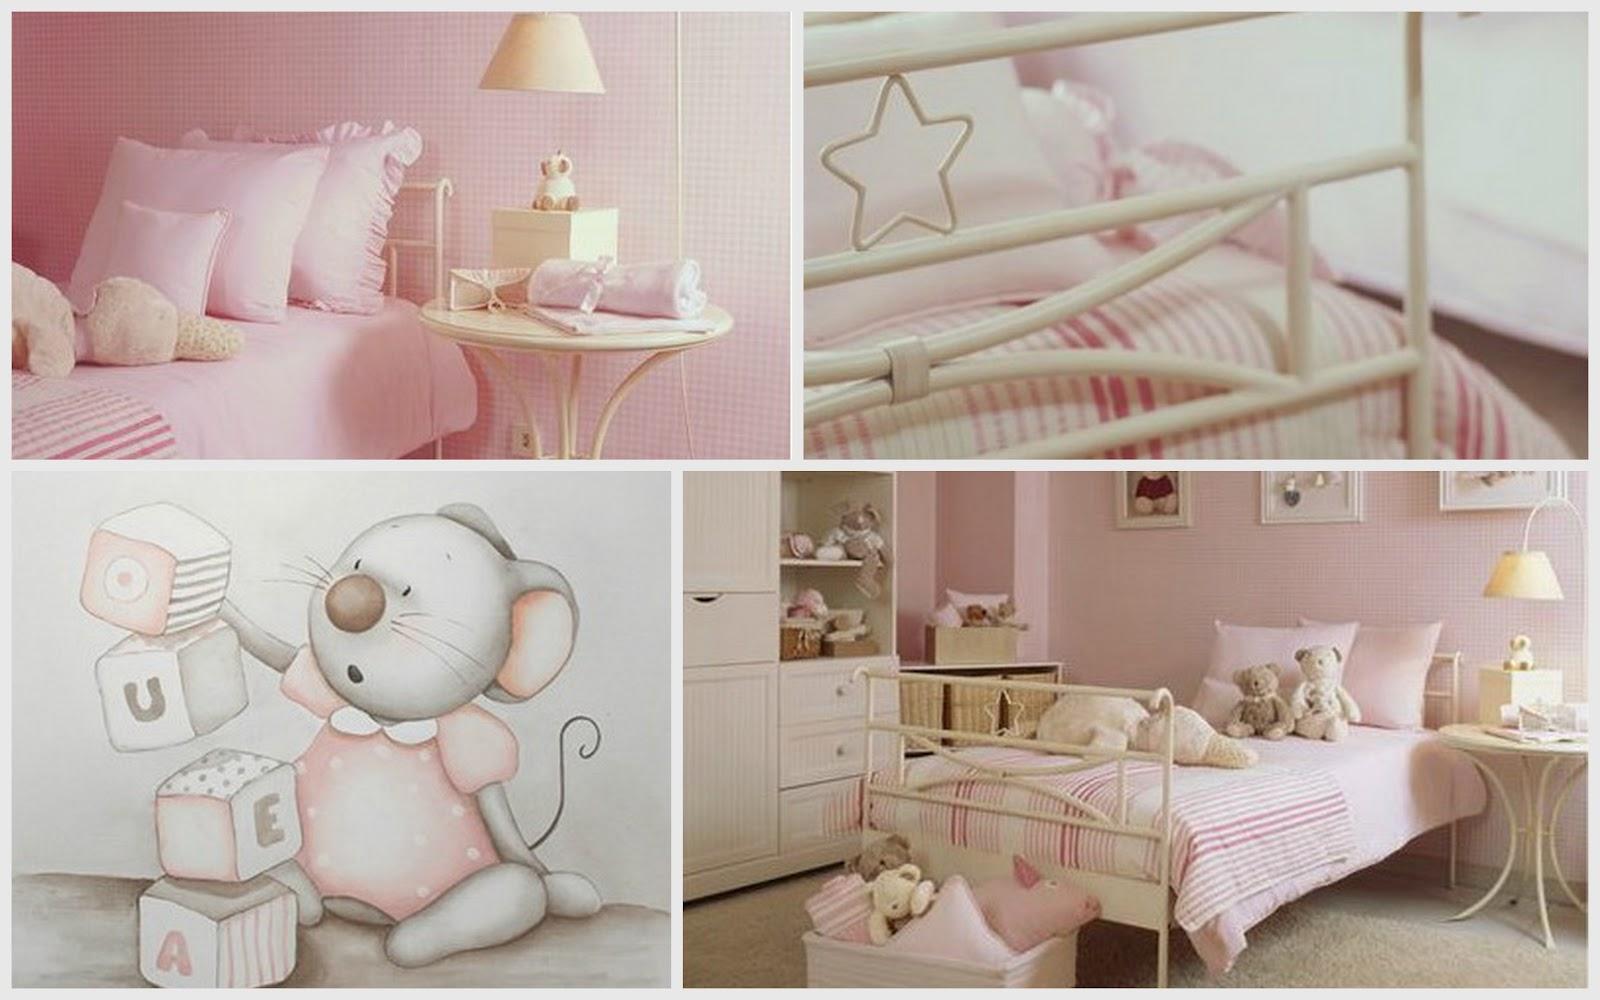 En casa de t a gretel ideas deco para una habitaci n de ni a - Dibujos para habitacion nina ...